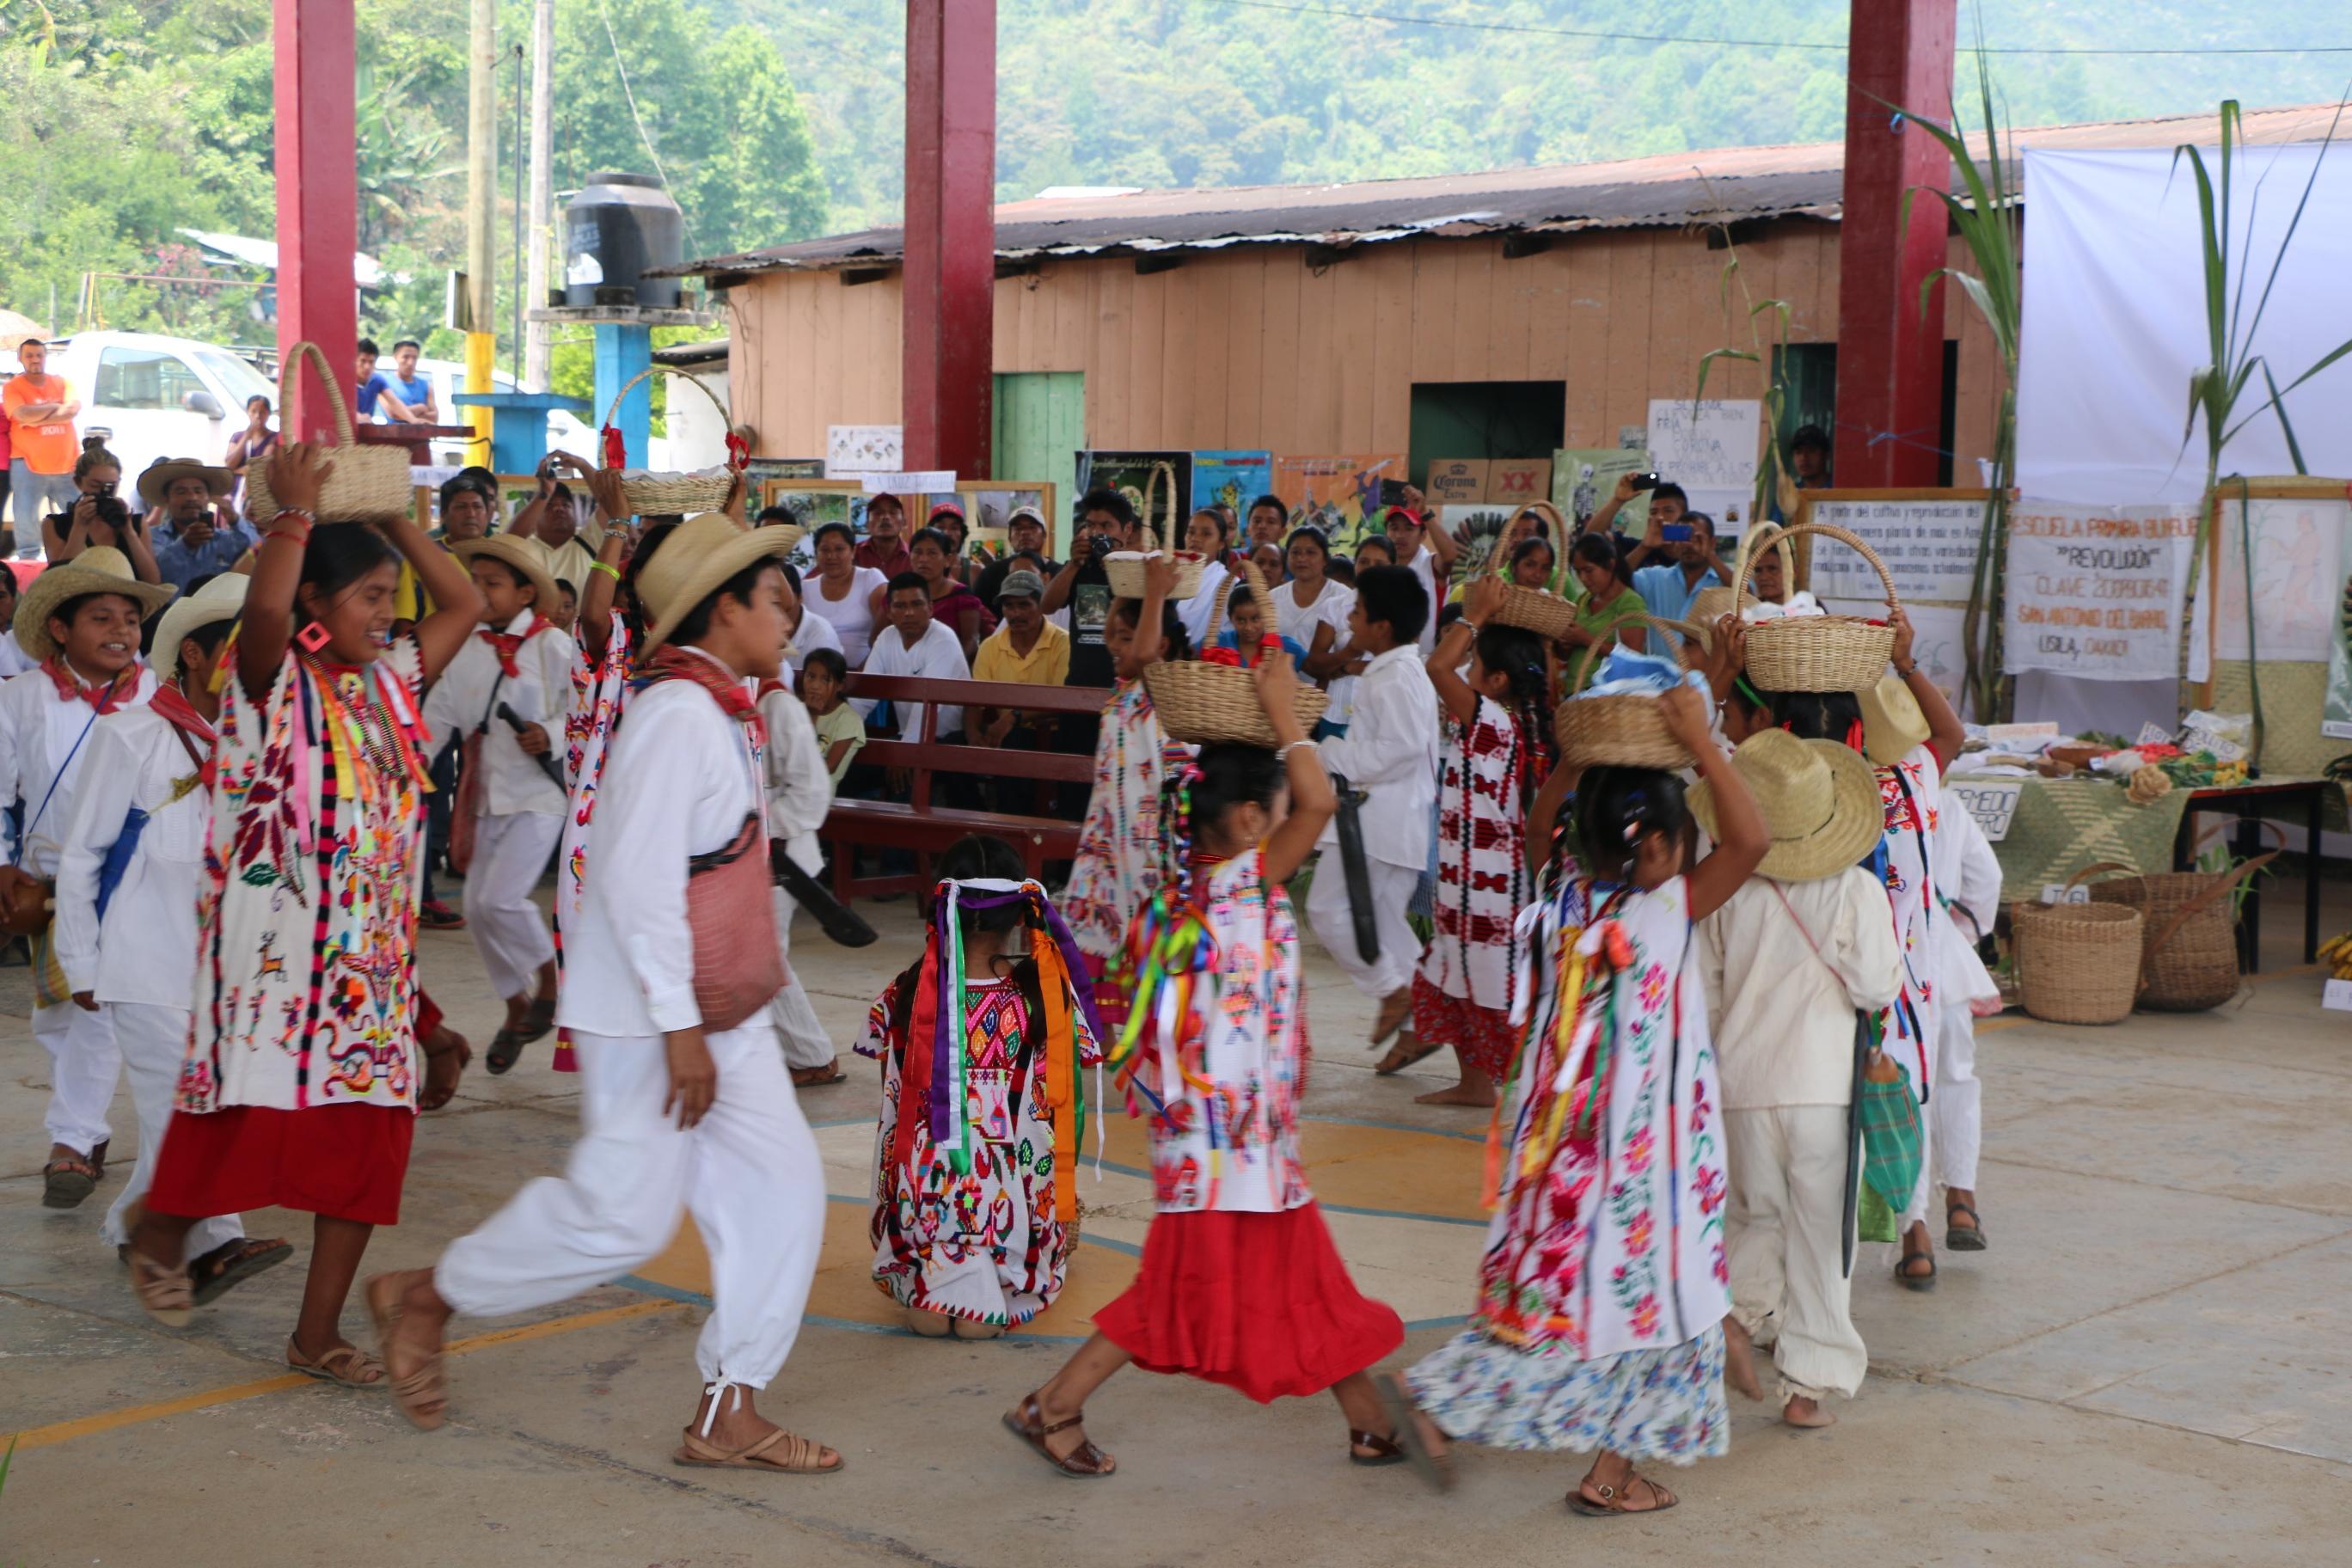 El manejo forestal comunitario integra criterios de la conservación de la biodiversidad. La Feria de la diversidad biológica y cultural de Chinantla se realiza cada año en la región de Santa Cruz de la Chinantla, para celebrar su riqueza biológica.